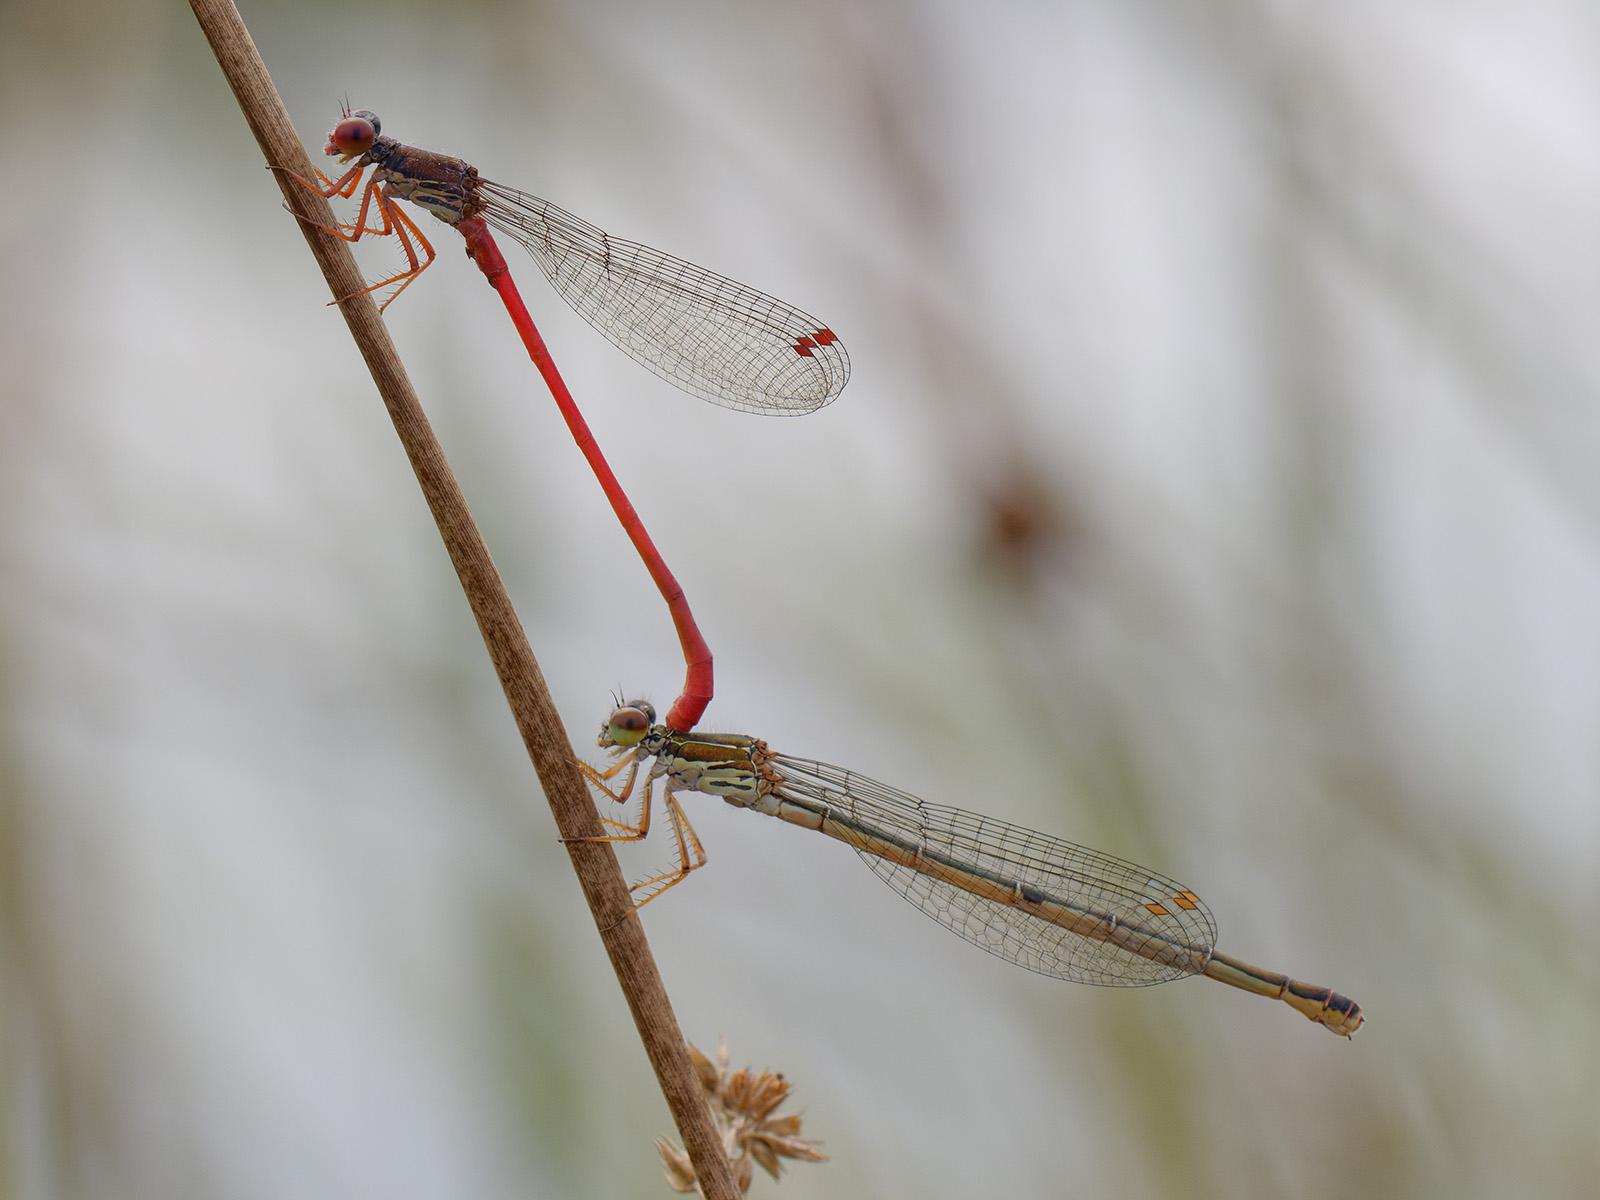 Ceriagrion tenellum, tandem with female f. melanogaster